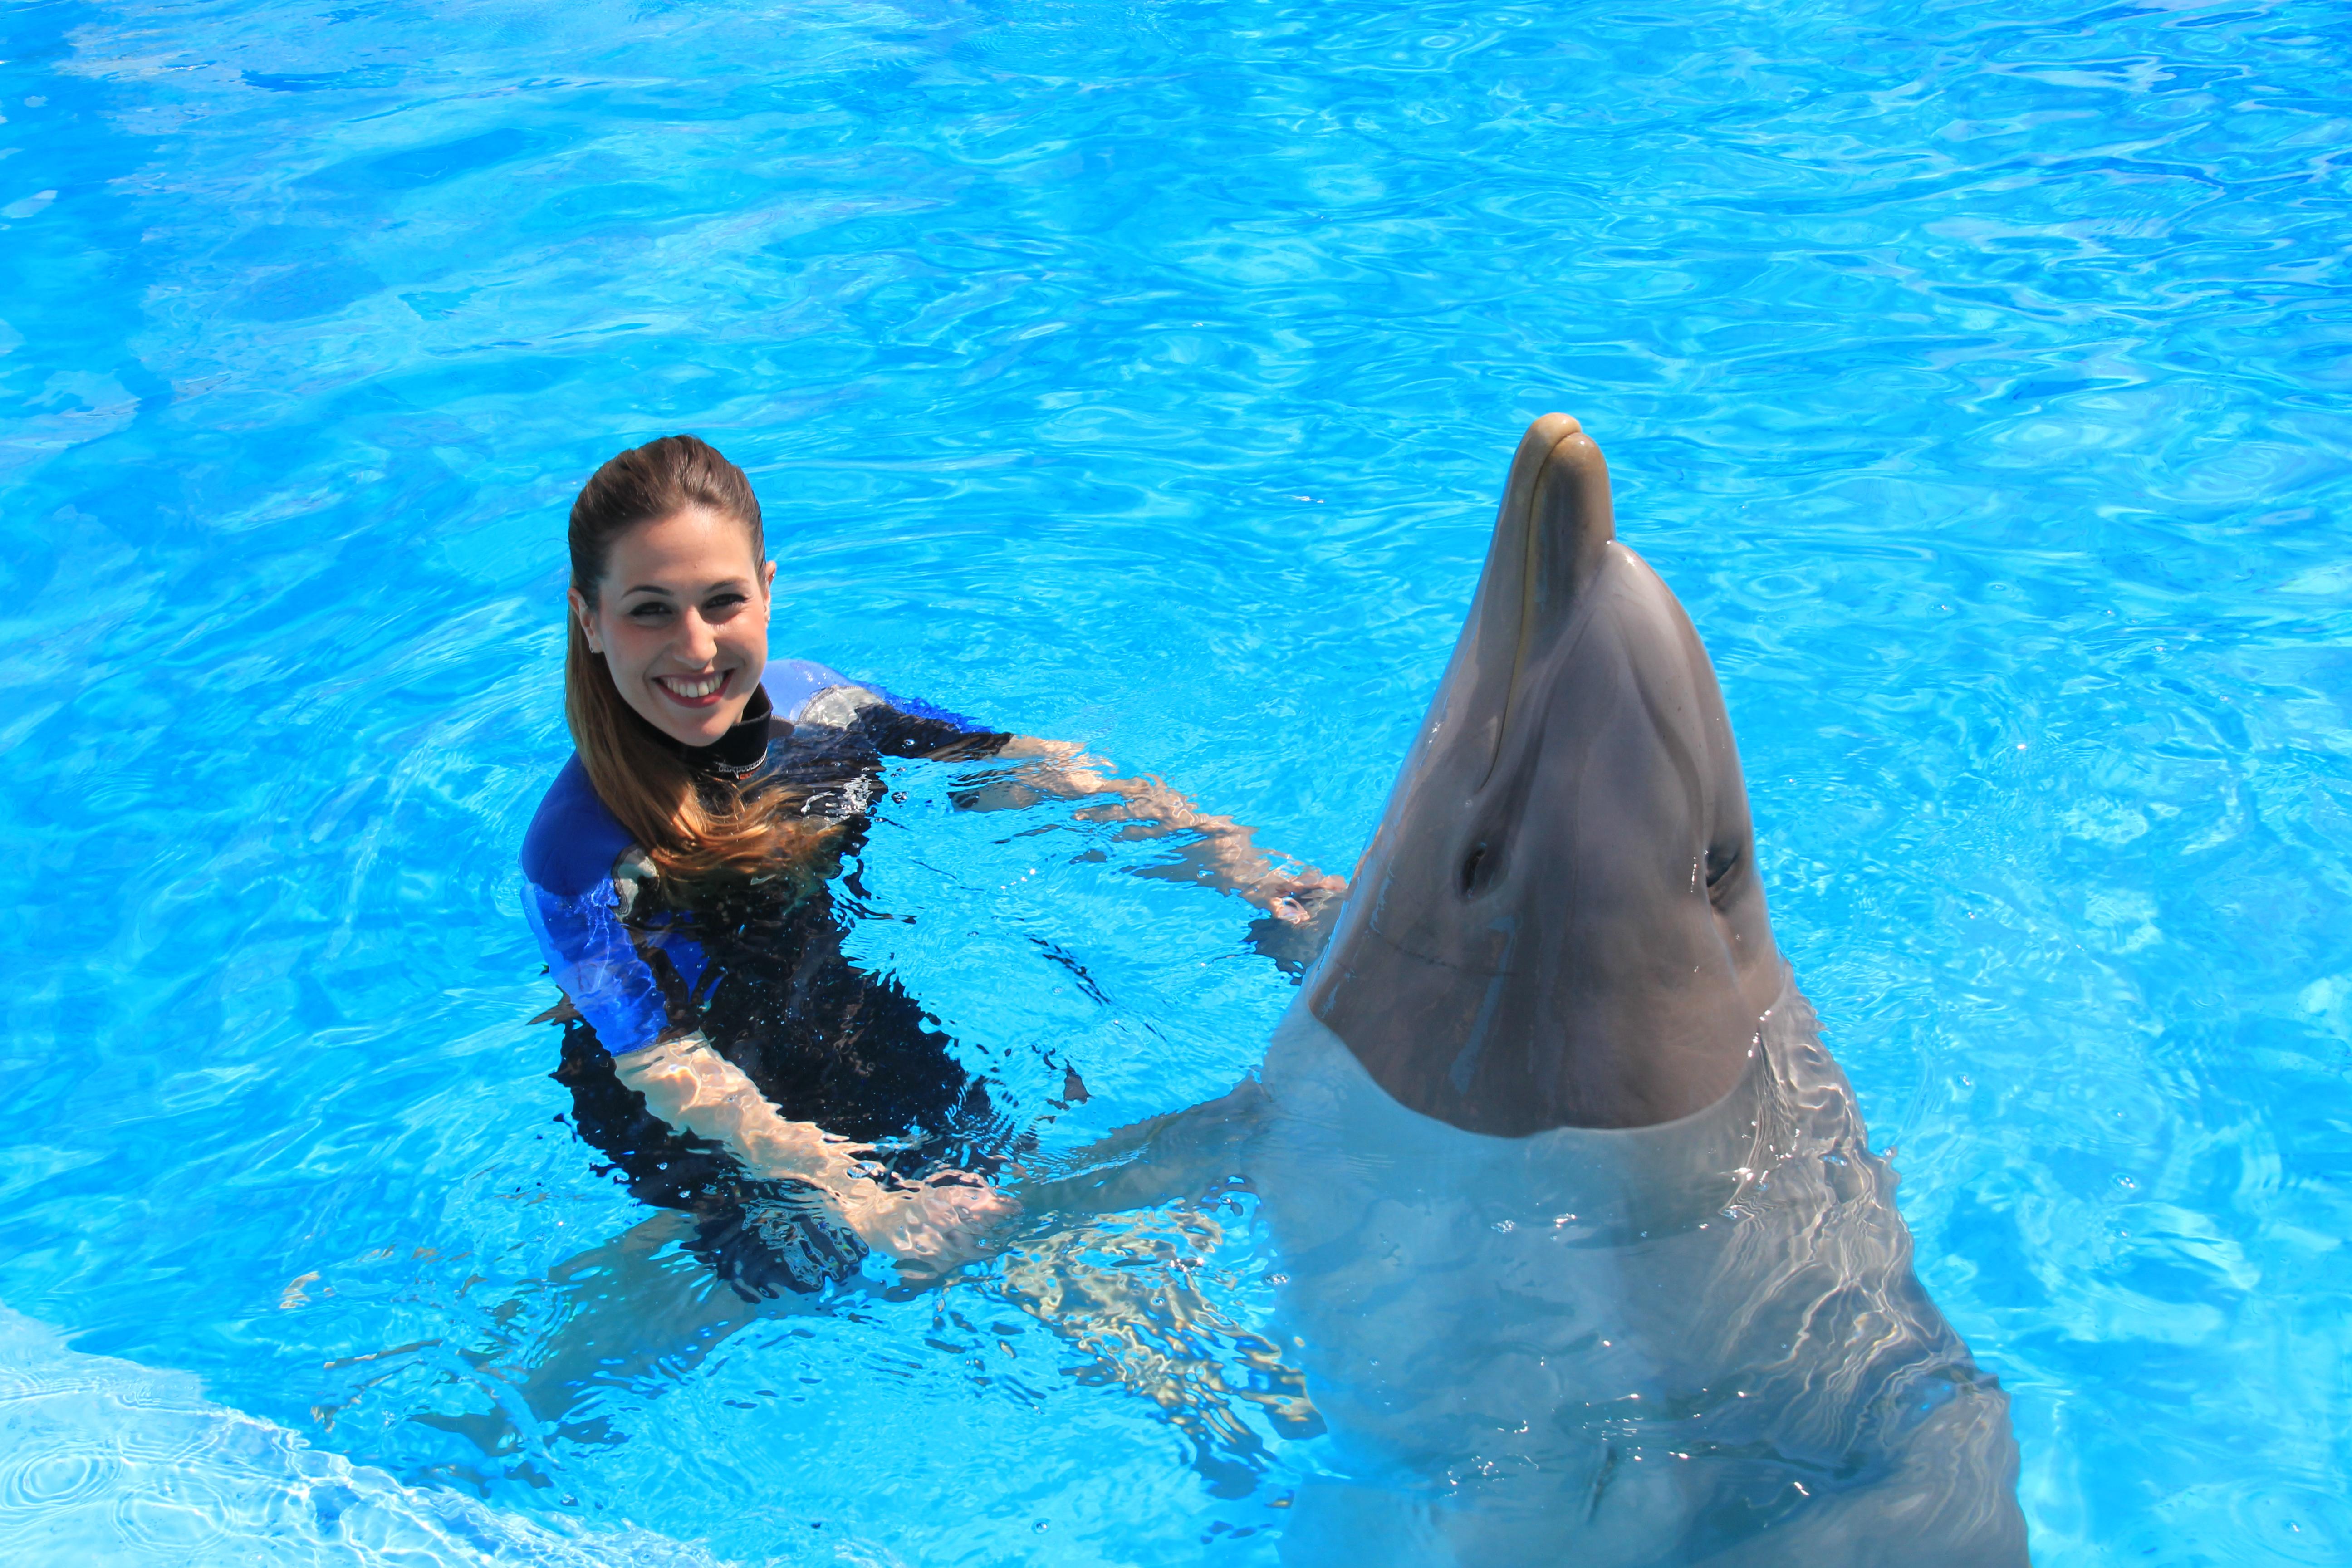 ¿Por qué participar en el encuentro con delfines?